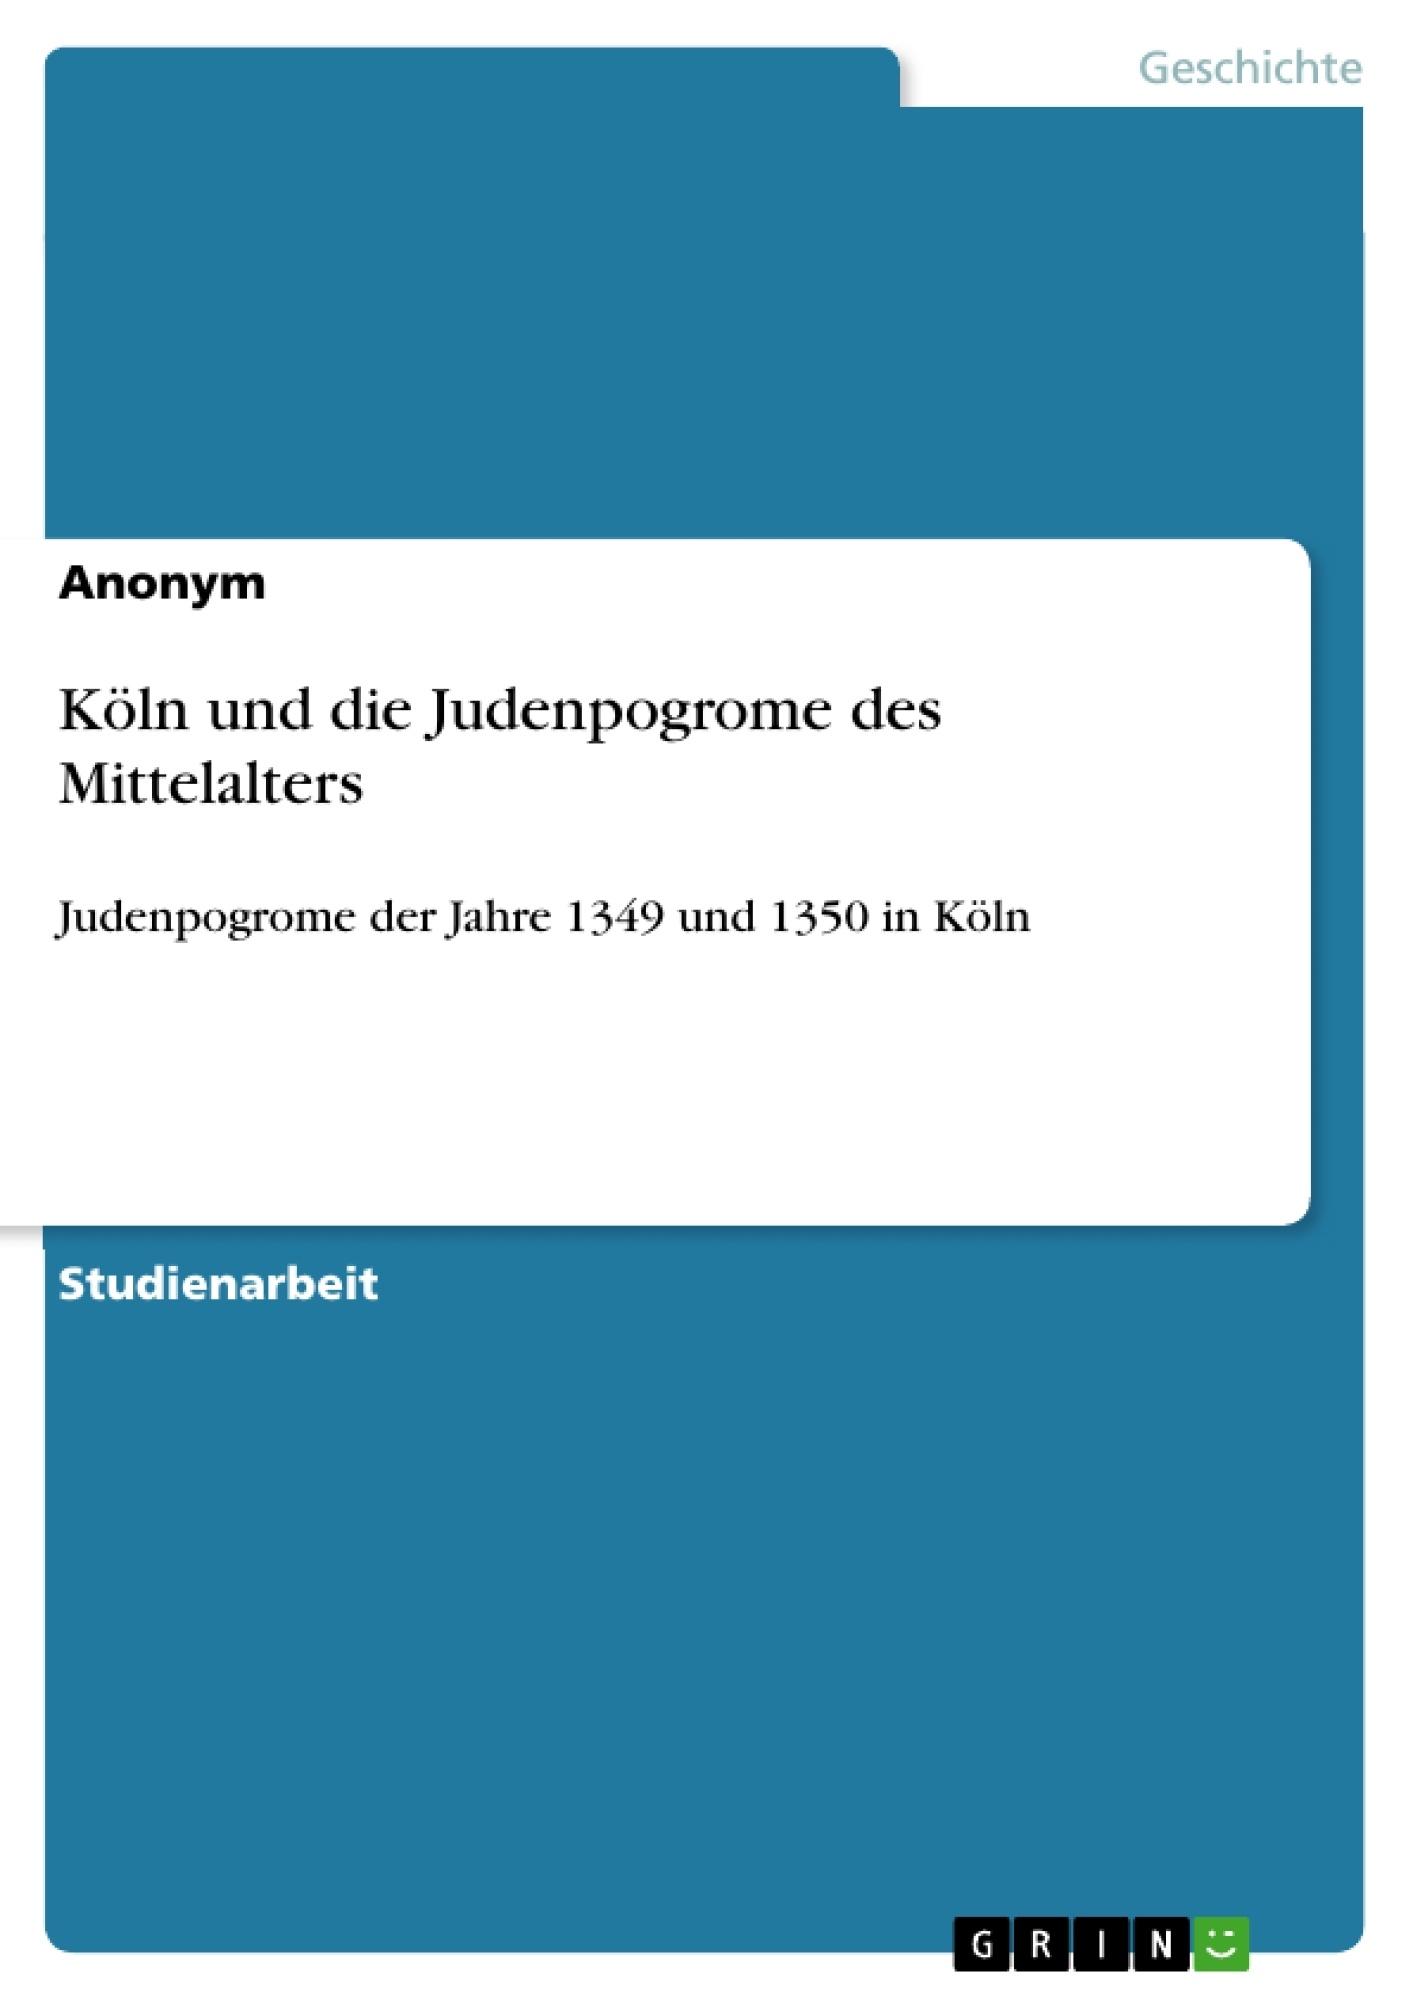 Titel: Köln und die Judenpogrome des Mittelalters